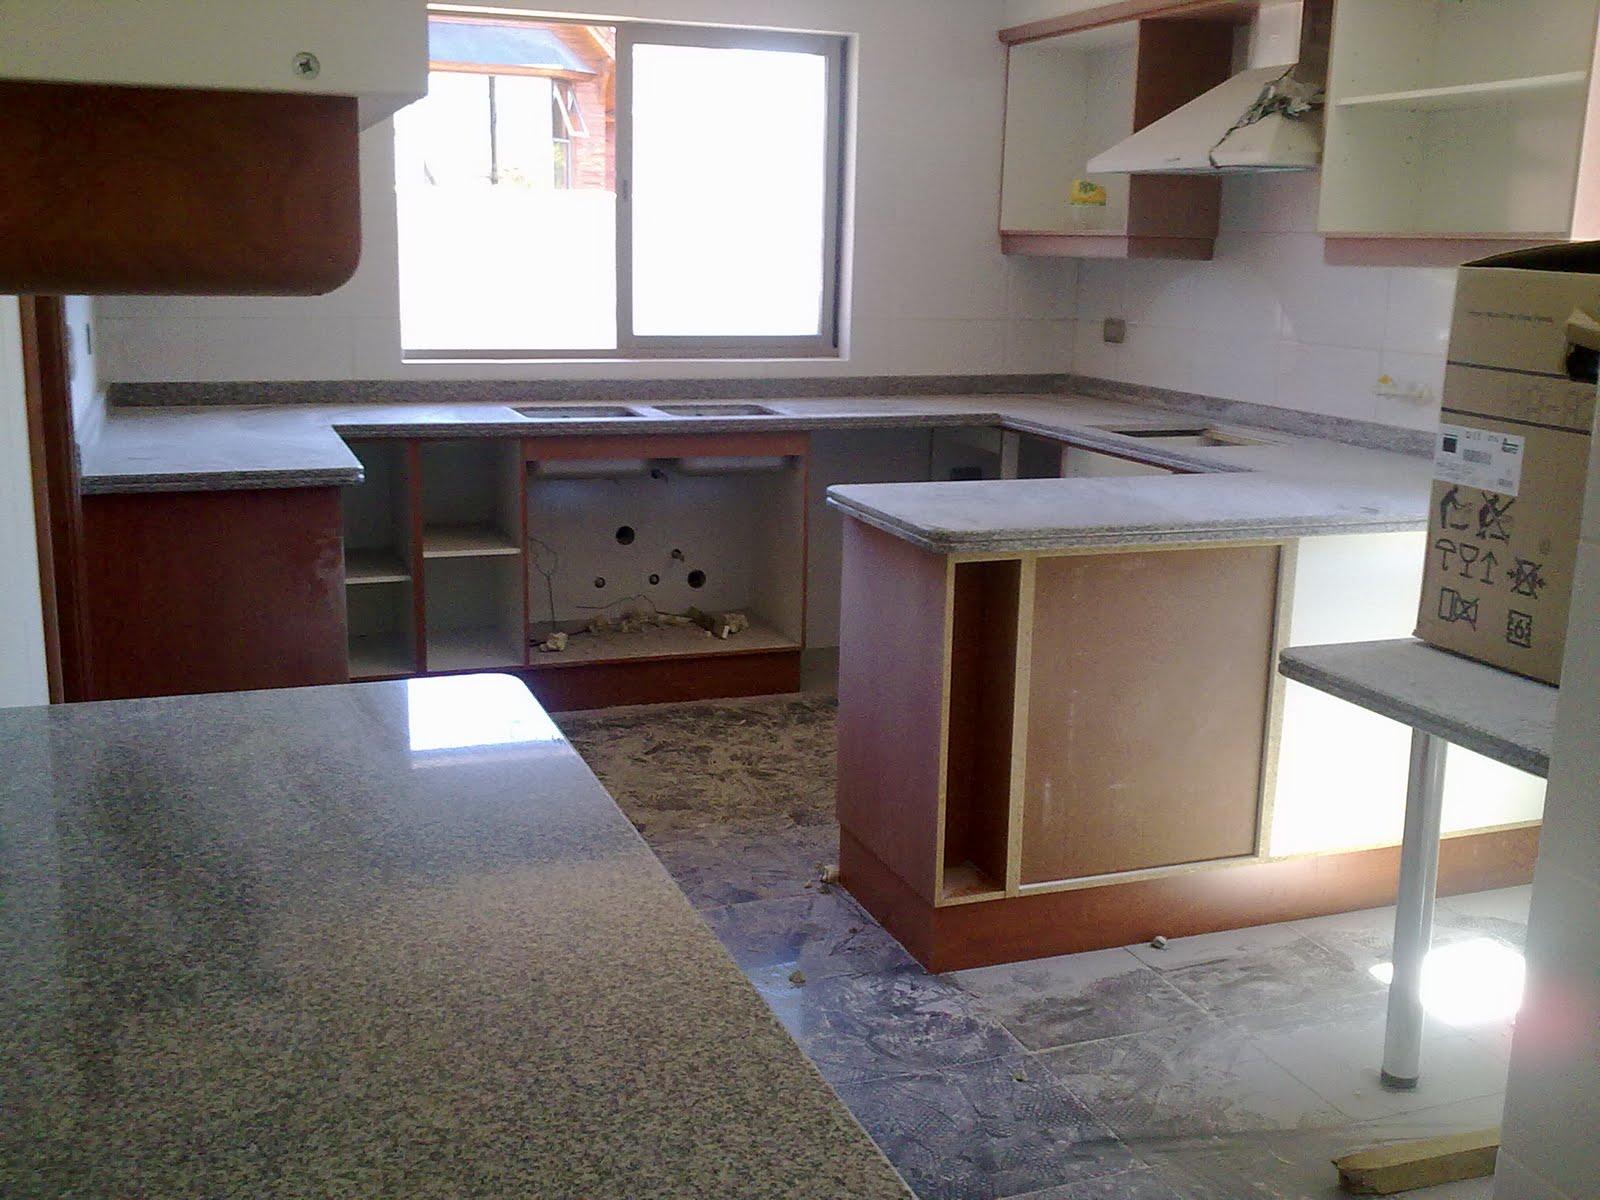 Trabajos en m rmol y granito cocina for Trabajos en granito para cocina